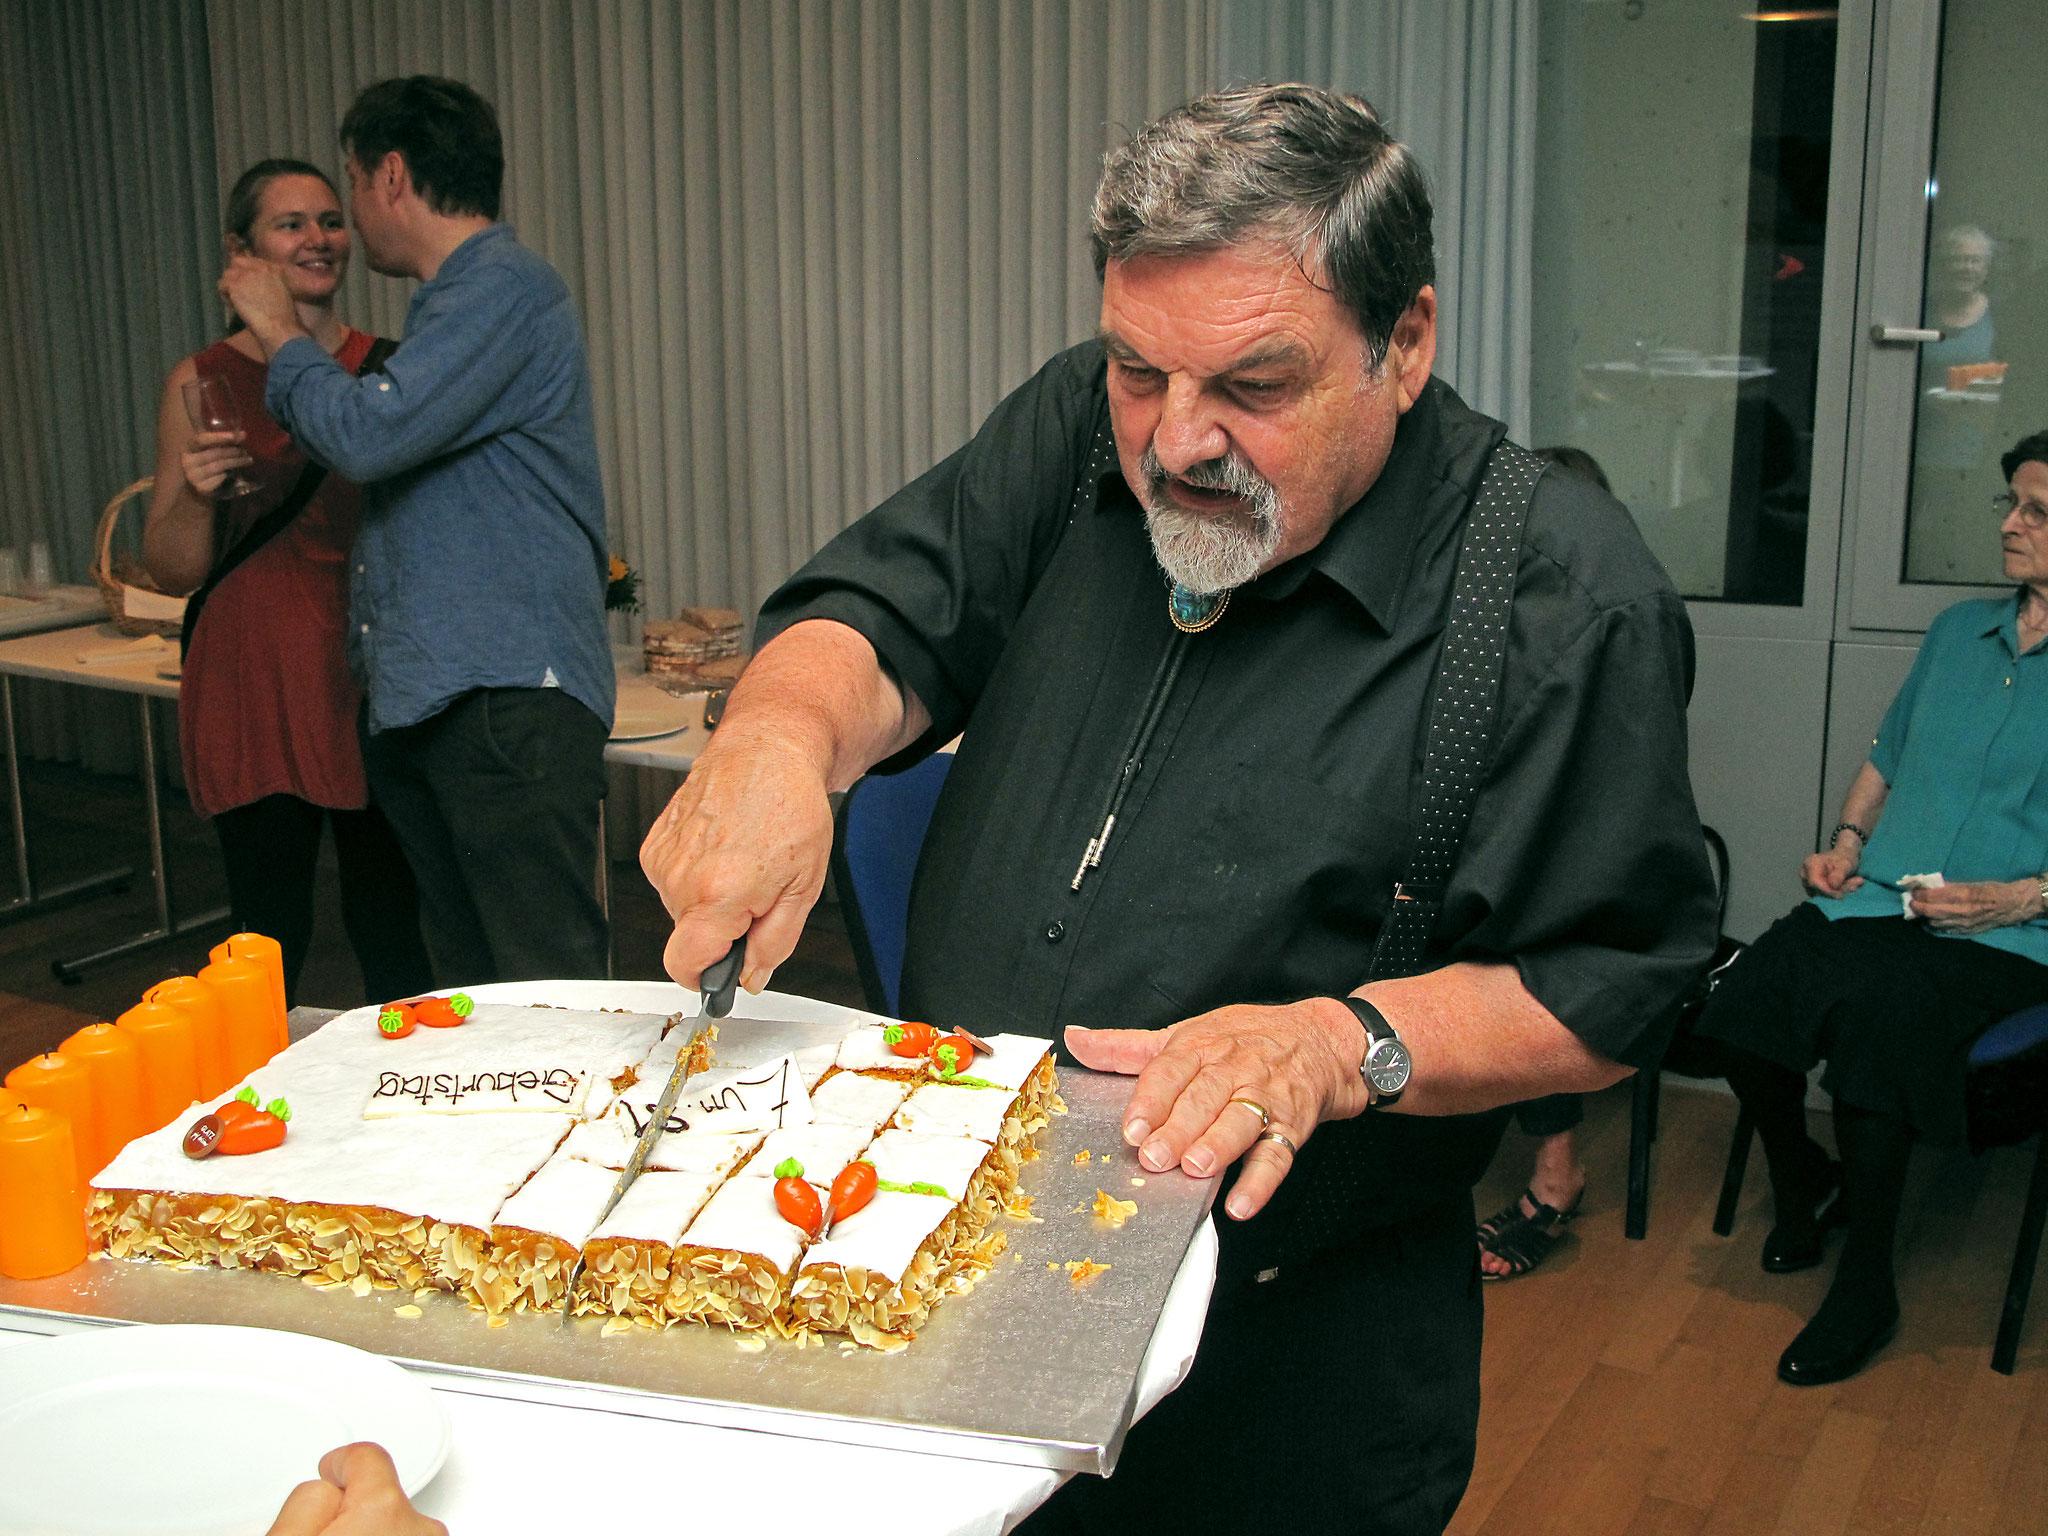 Jetzt wird der herrliche Kuchen an die Gäste verteilt